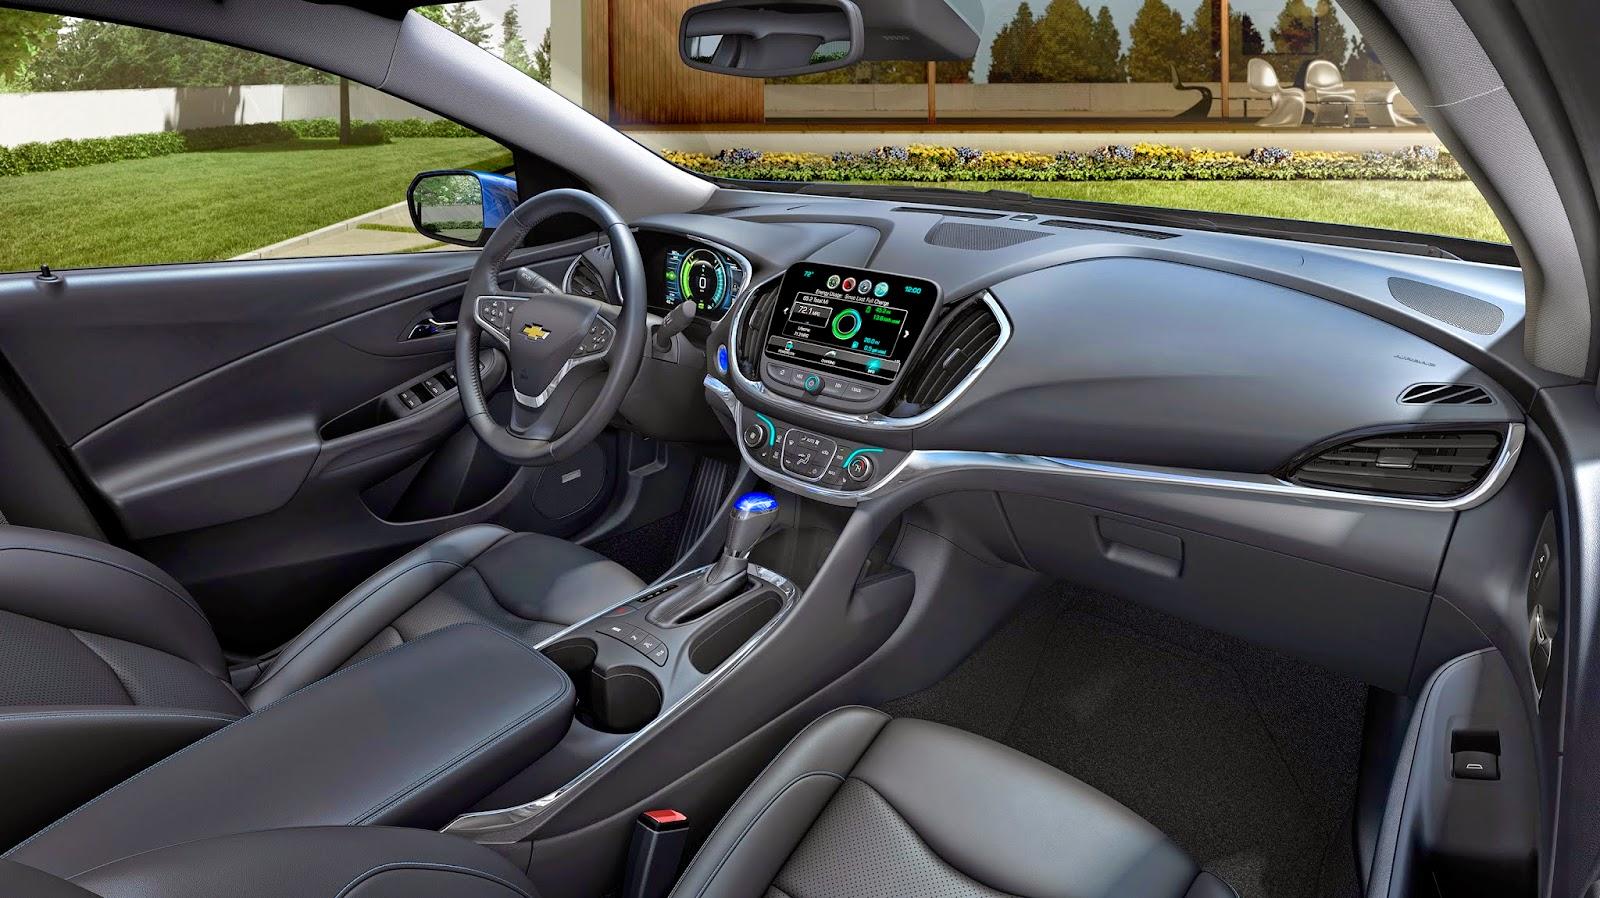 nuevo Chevrolet Volt interior